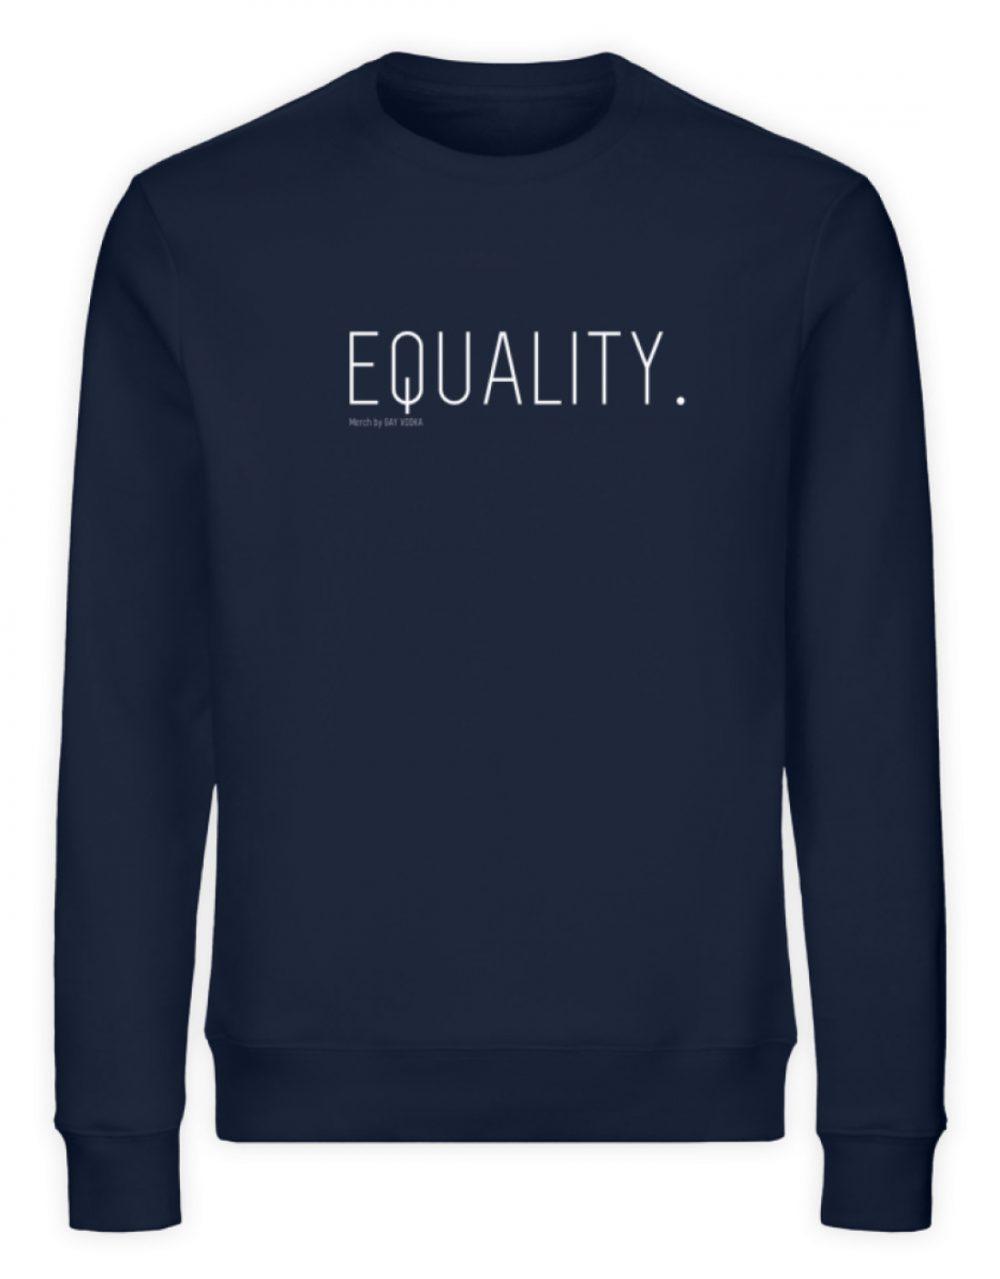 EQUALITY. - Unisex Organic Sweatshirt-6887